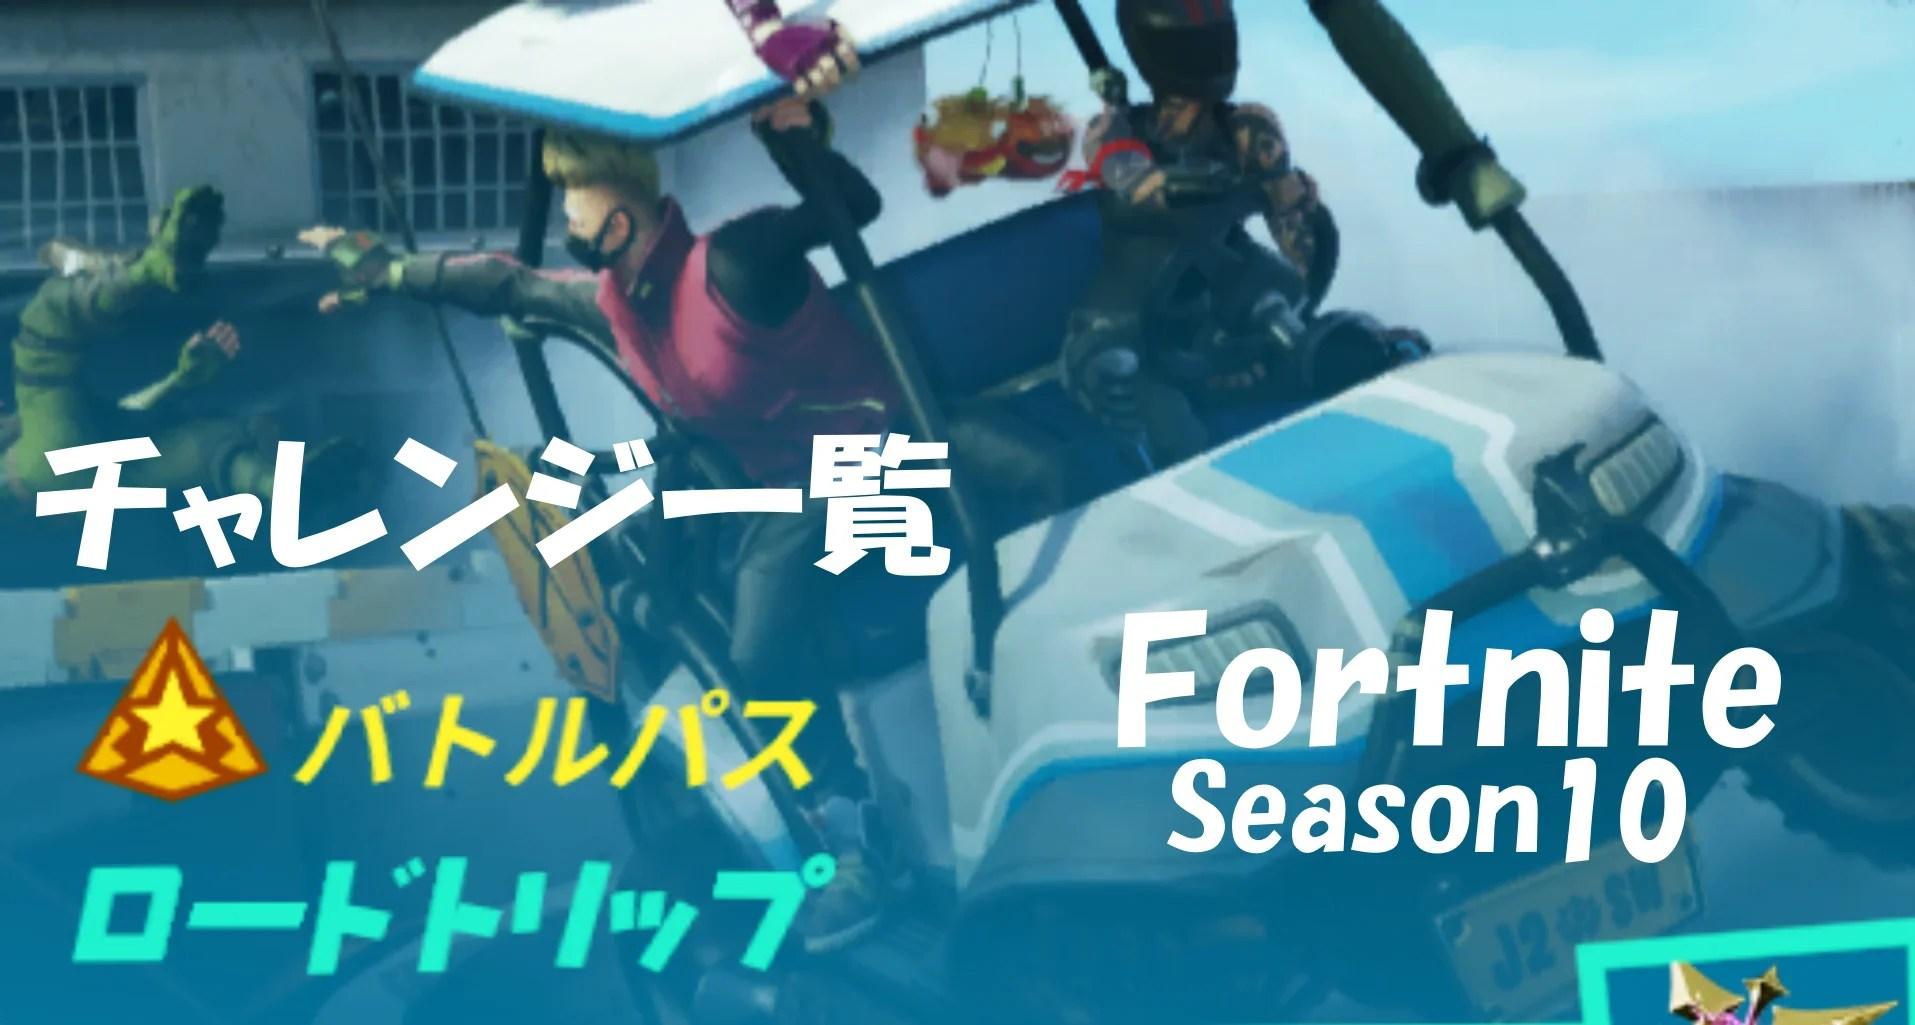 【フォートナイト】シーズン10:ロードトリップチャレンジ一覧【Fortnite】